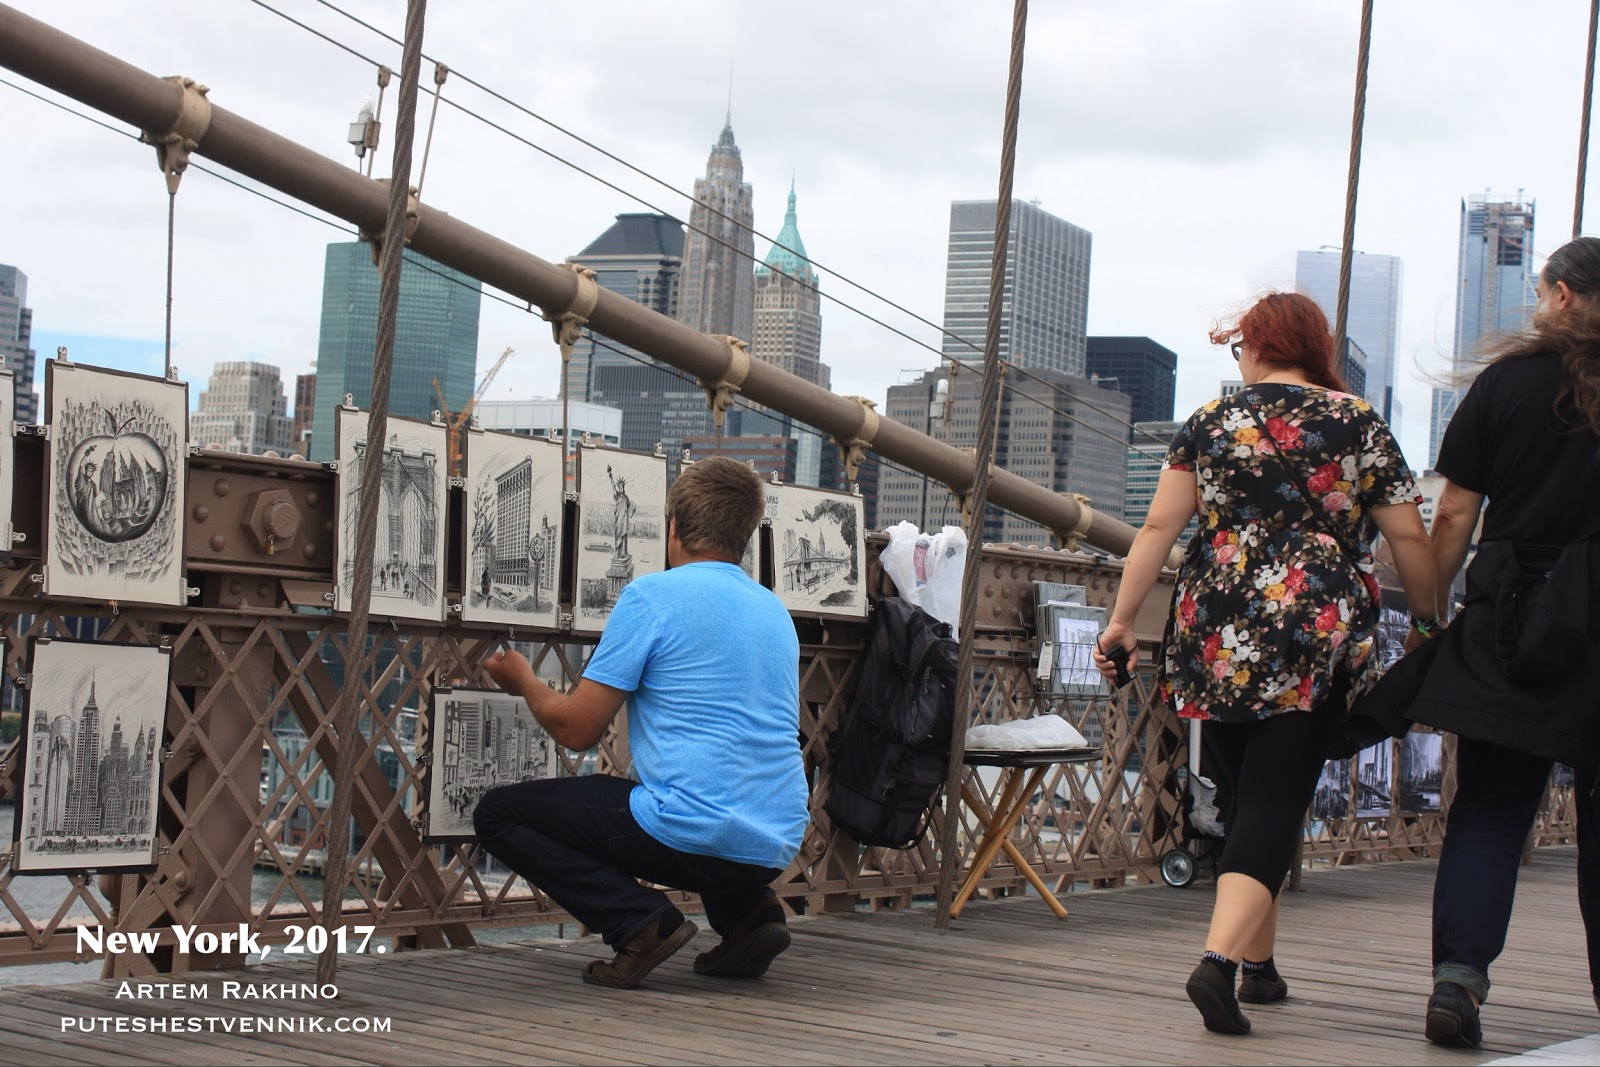 Художник на Бруклинском мосту